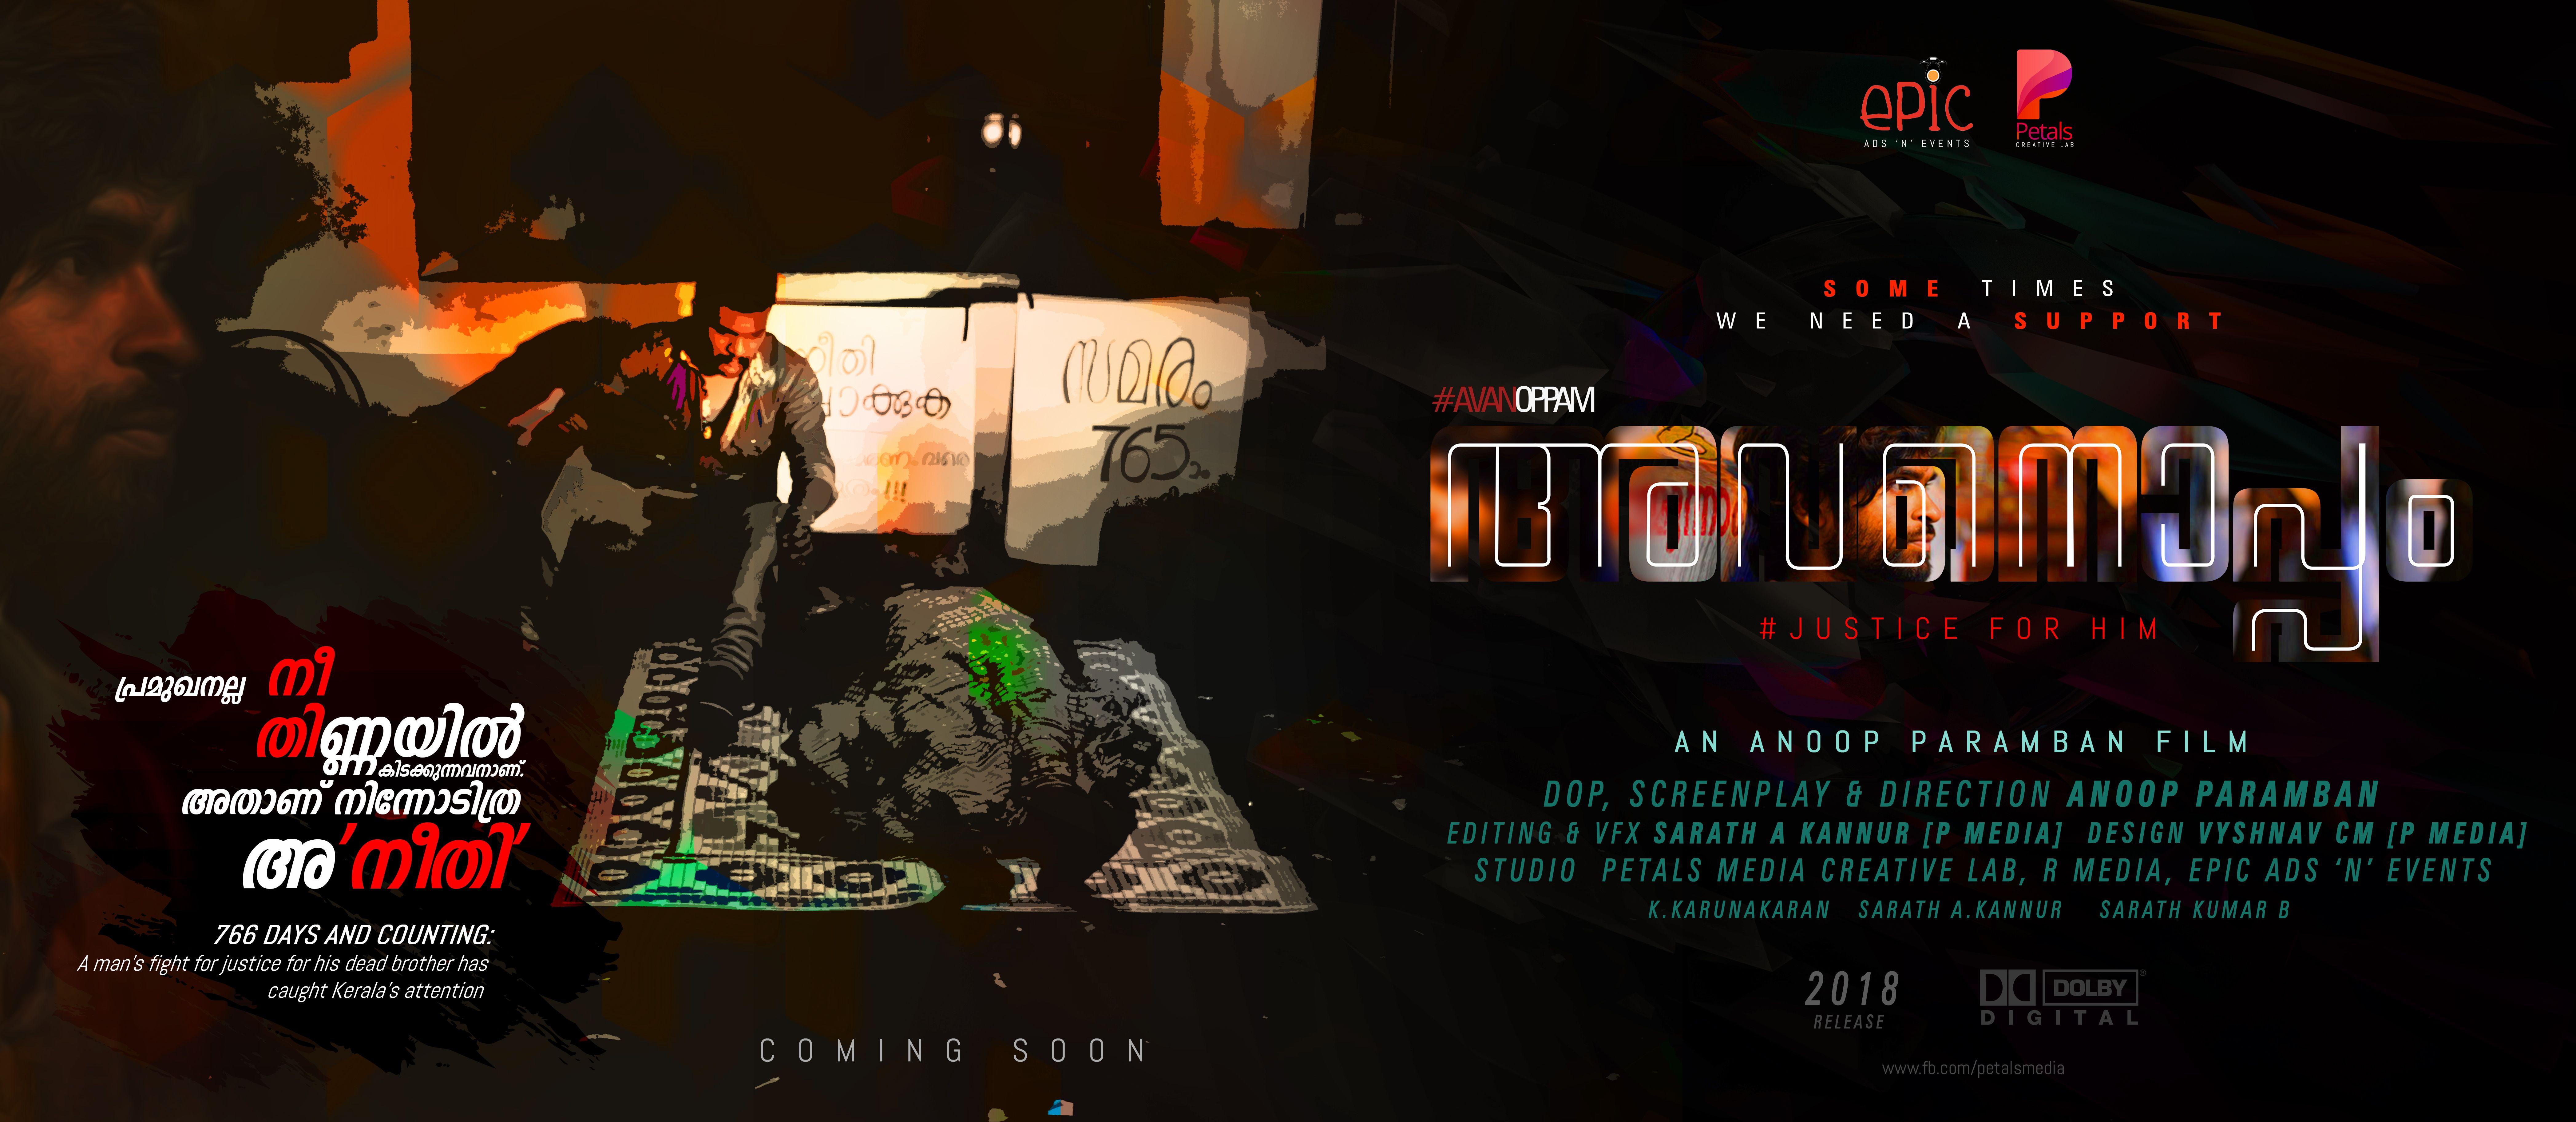 Avanoppam Malayalam Short Film Poster Designed By Vyshnav Cm